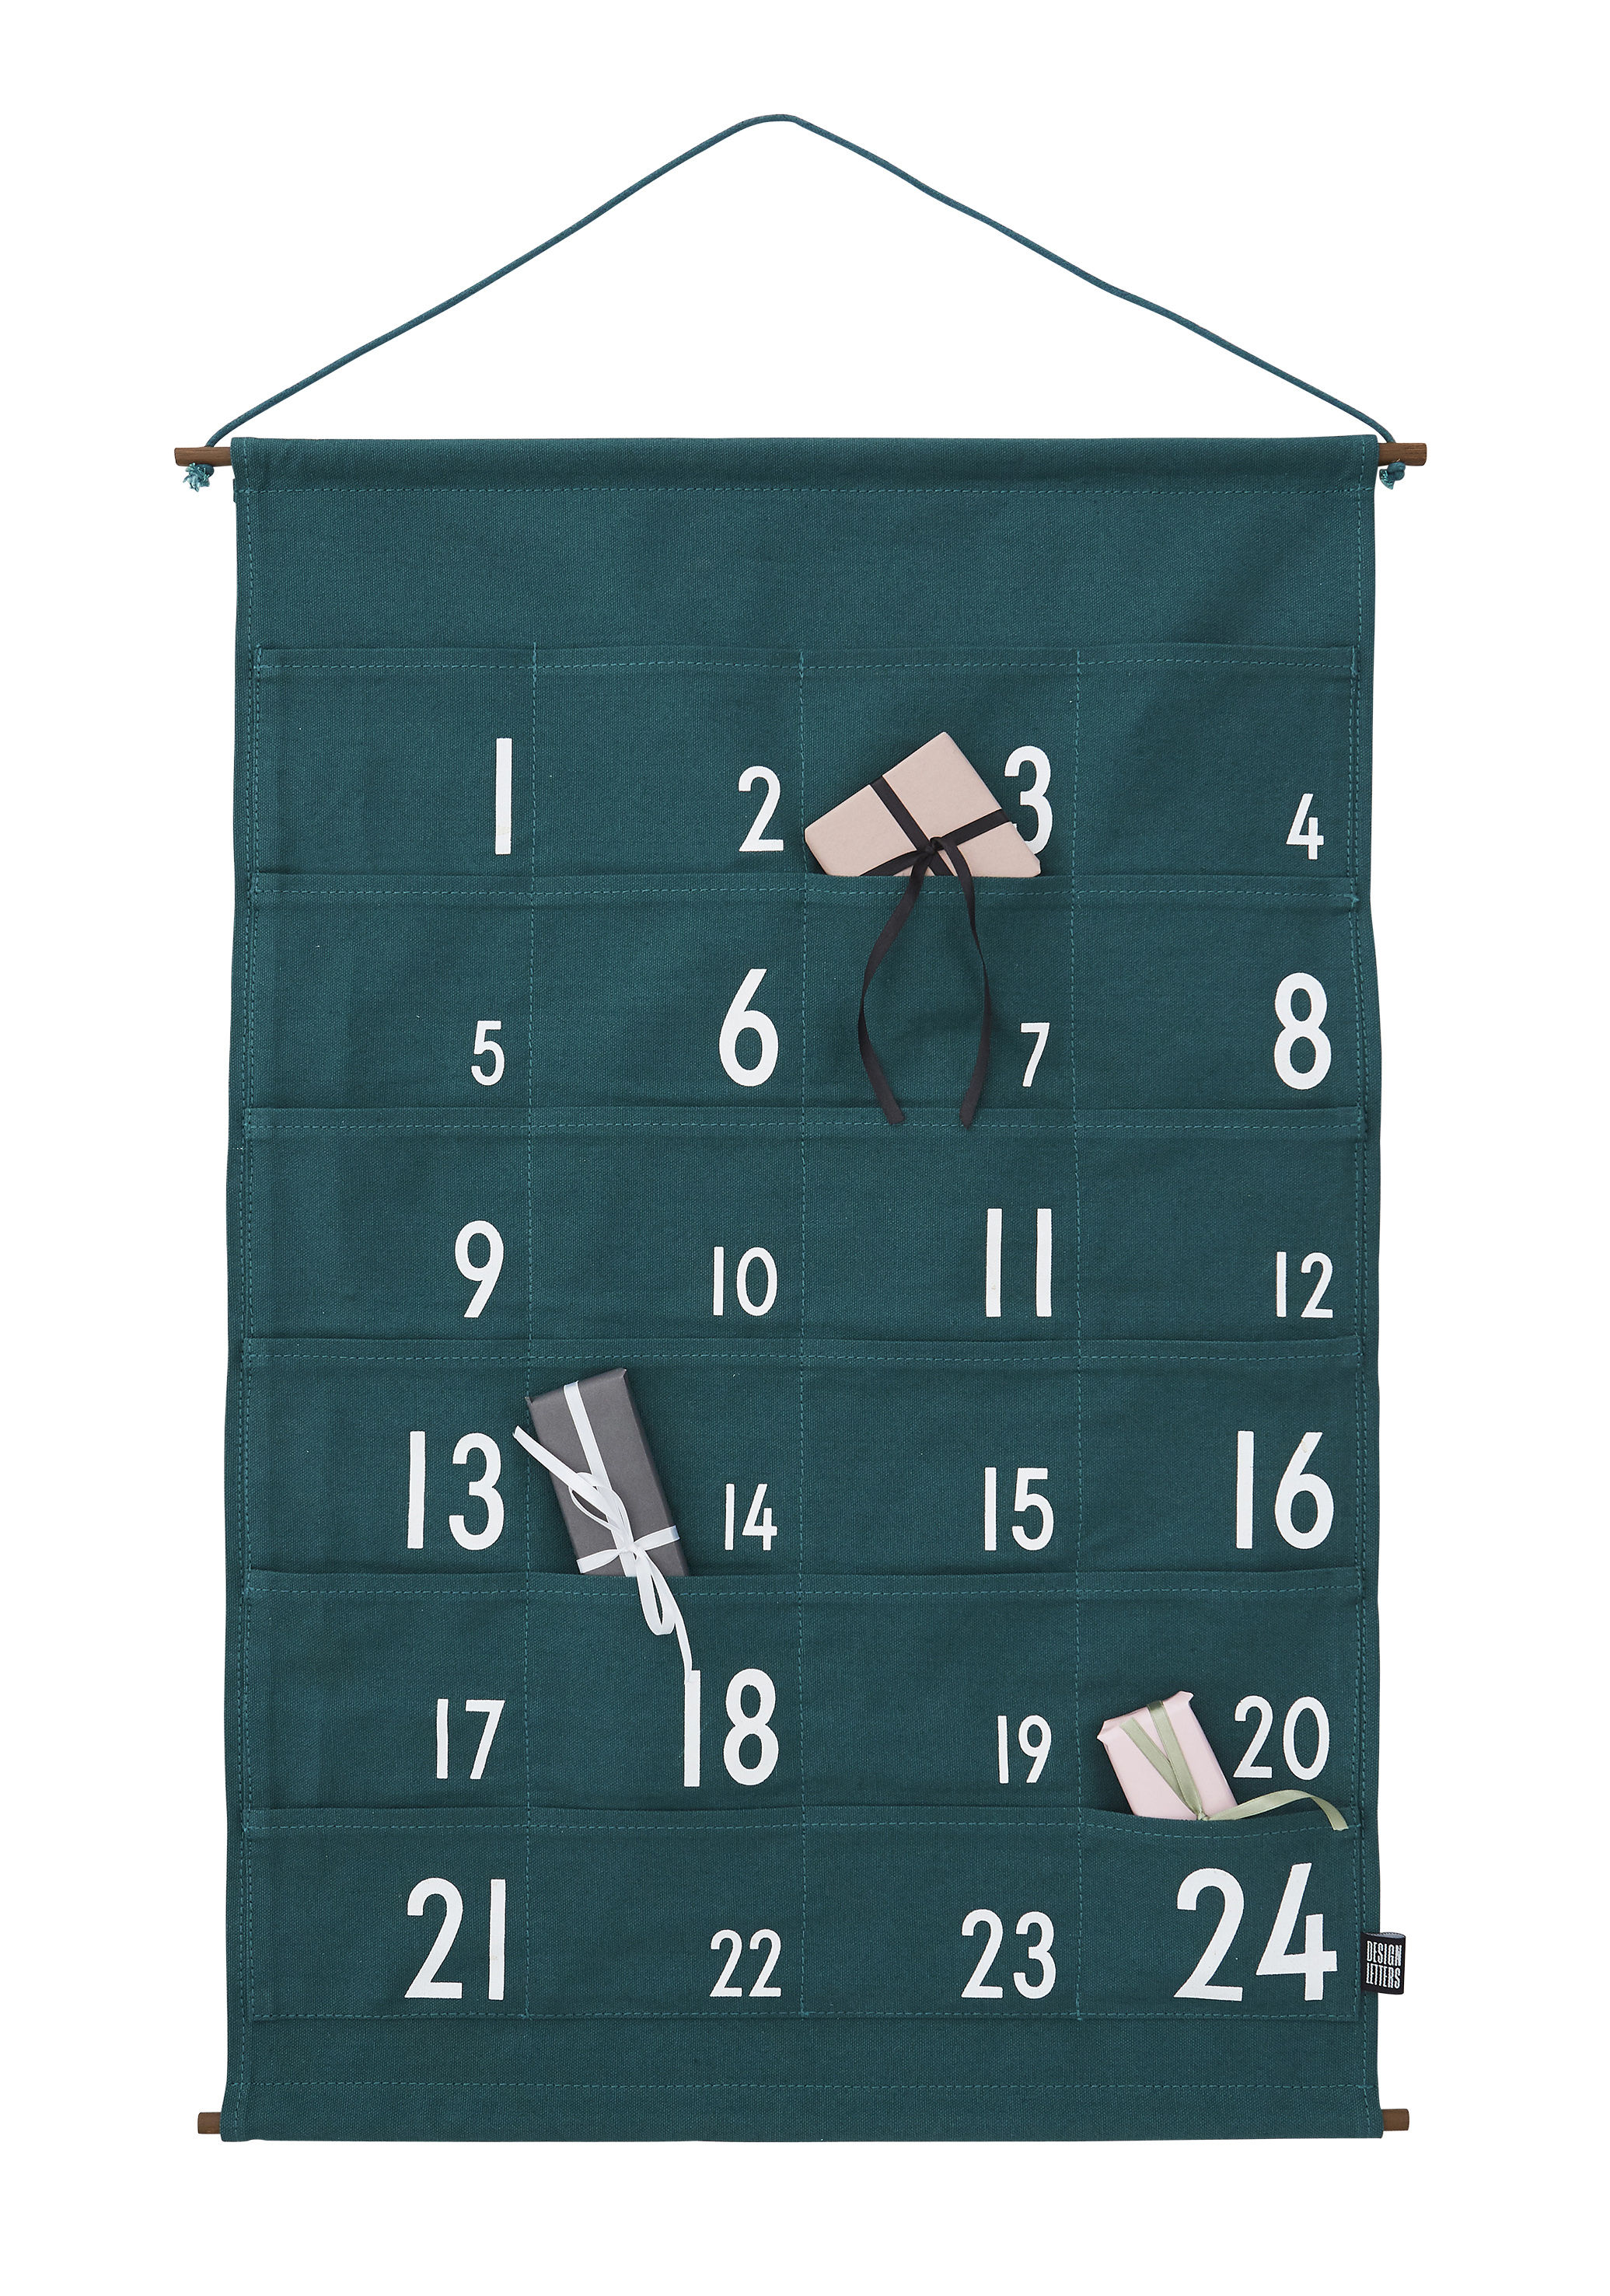 Déco - Pour les enfants - Calendrier de l'avent / Coton - Design Letters - Vert - Coton